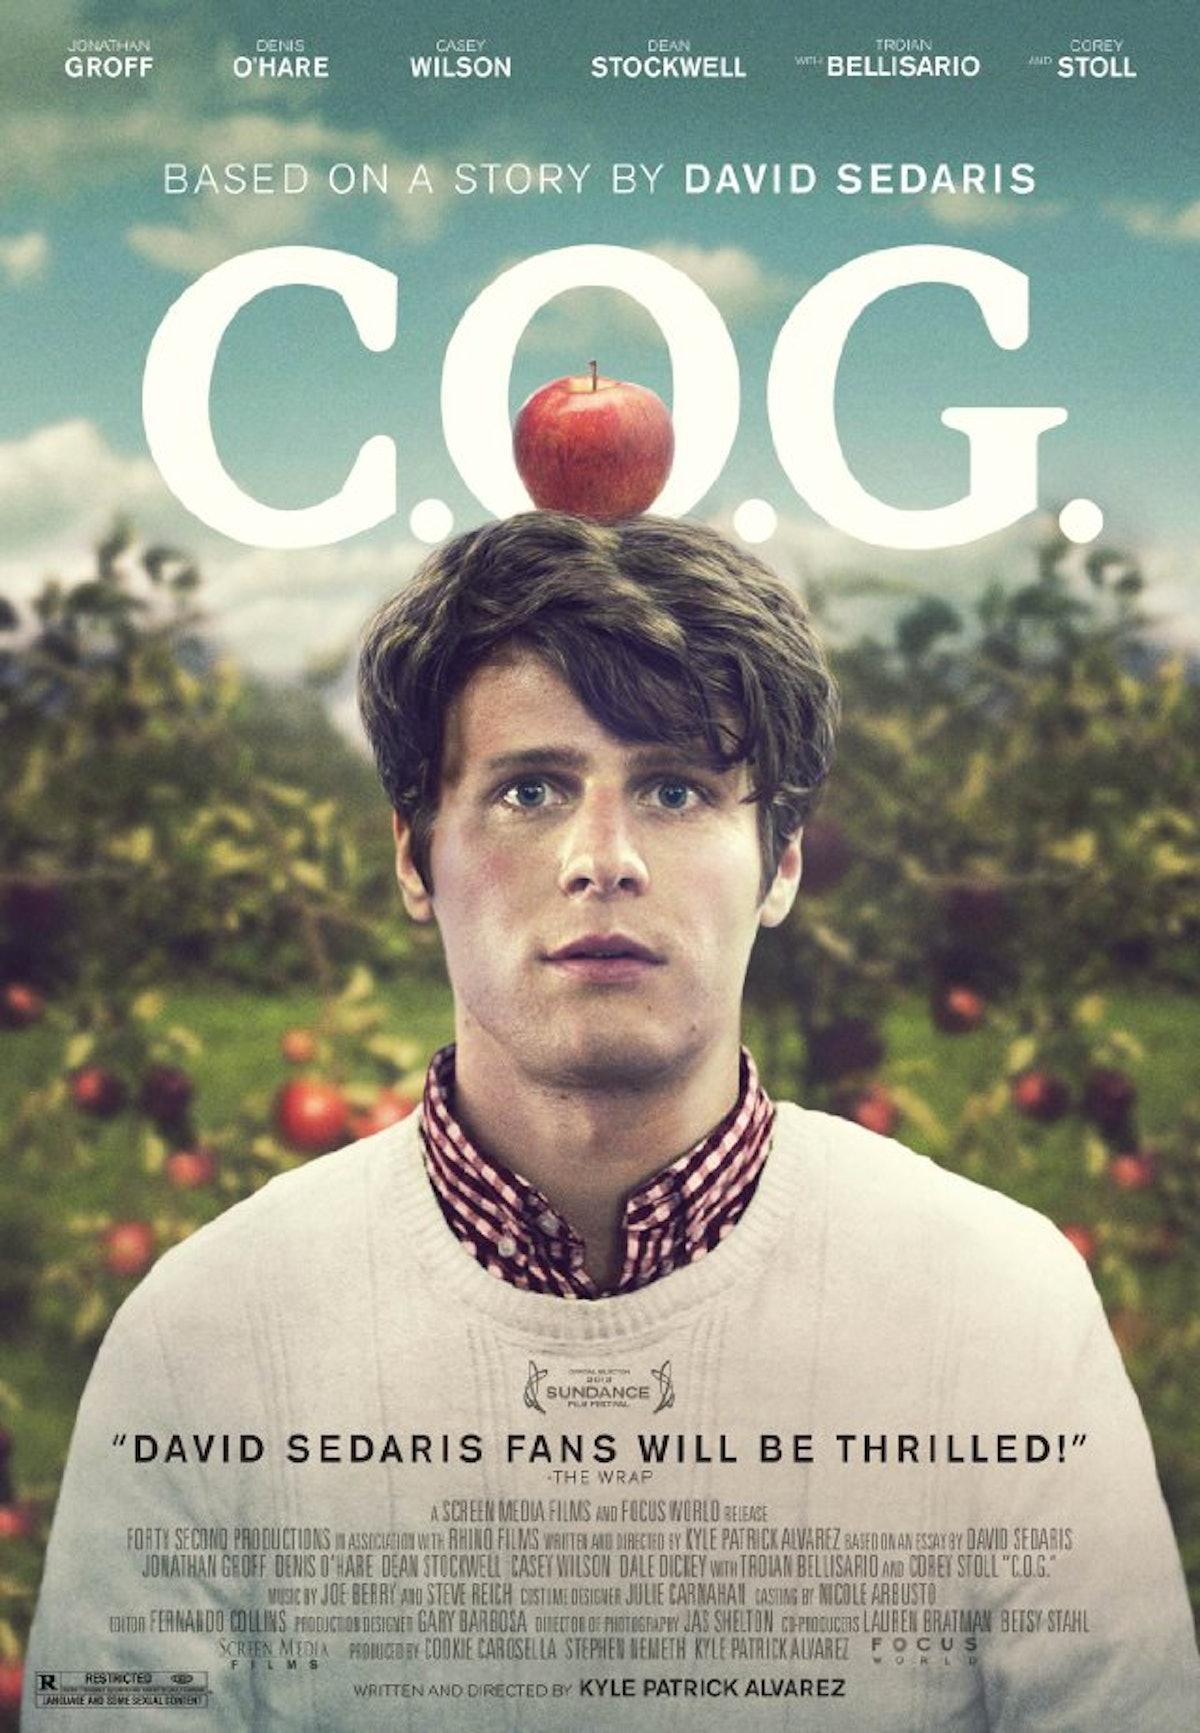 c.o.g. david sedaris essay A review of the film cog, adapted from an essay by david sedaris.